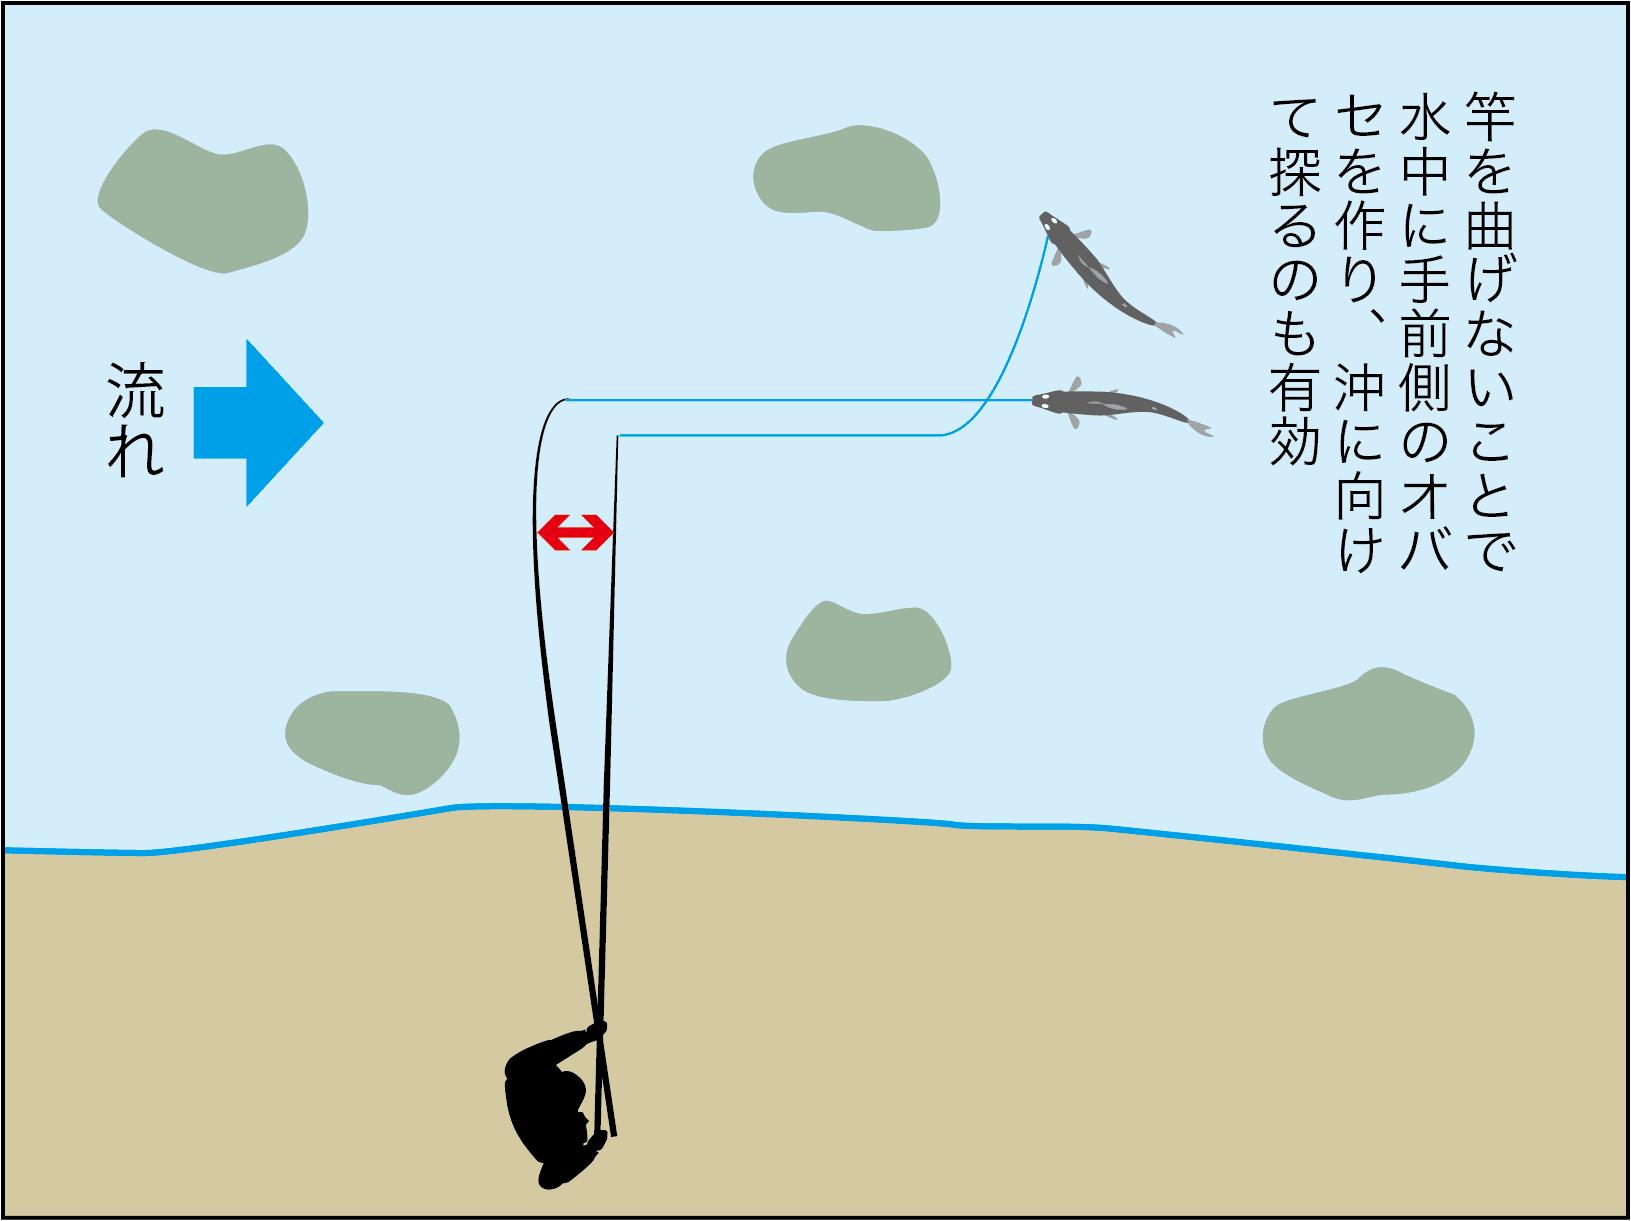 アユ終盤戦戦略9